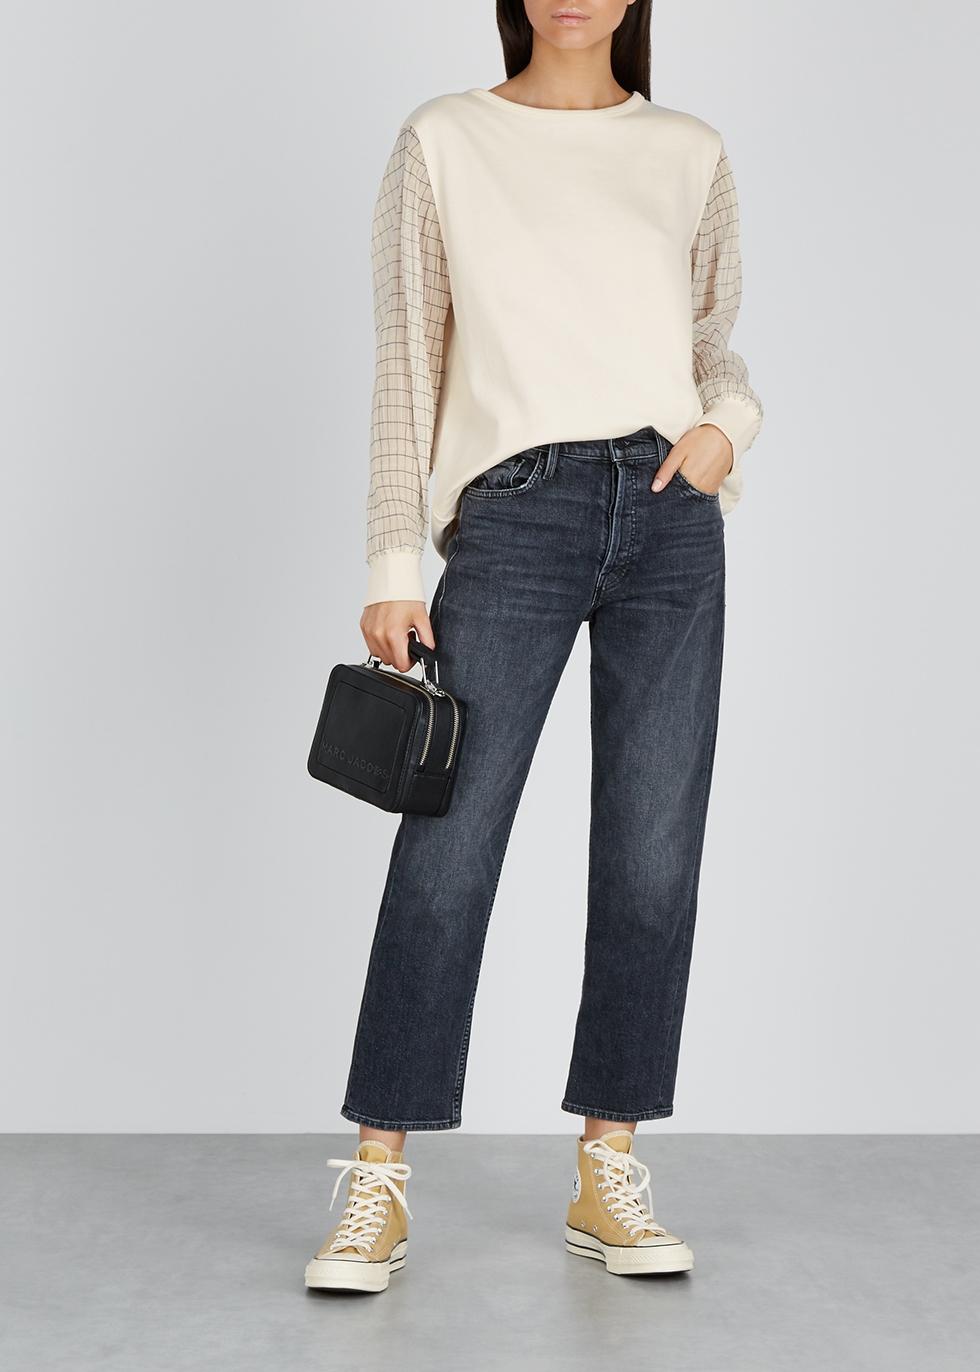 Cream cotton and georgette sweatshirt - Calvin Klein